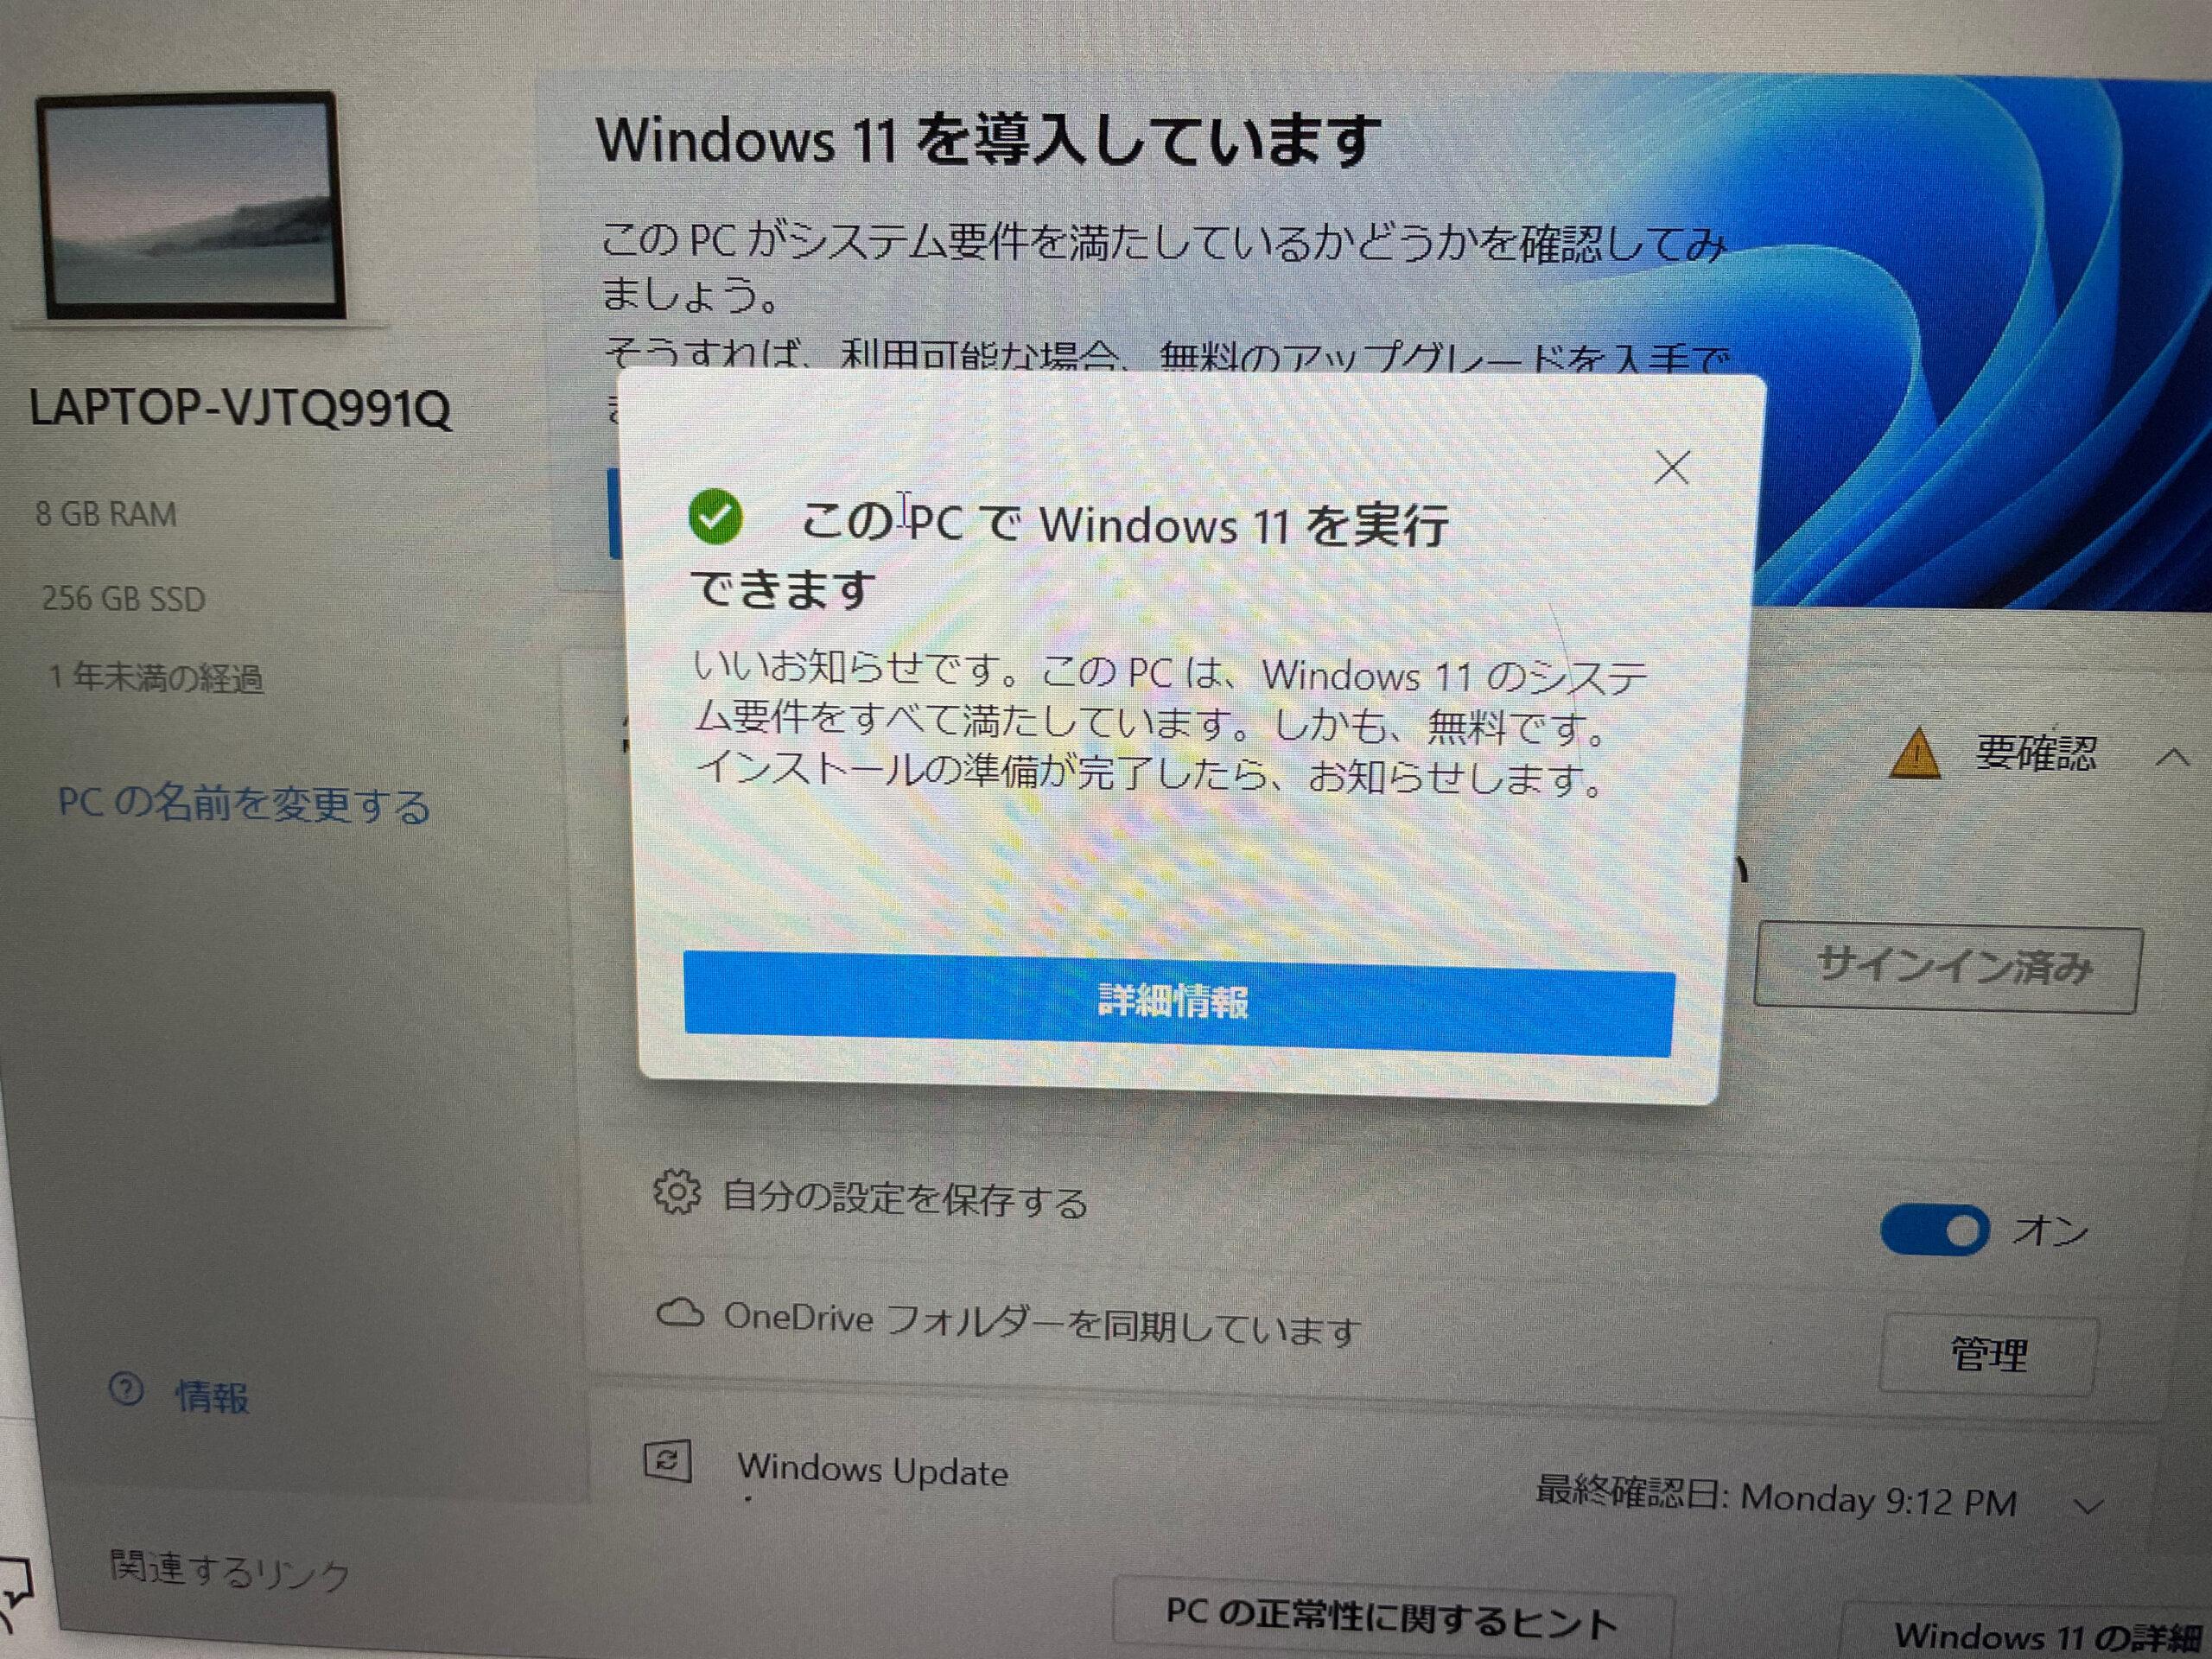 Windows11 が対応している写真